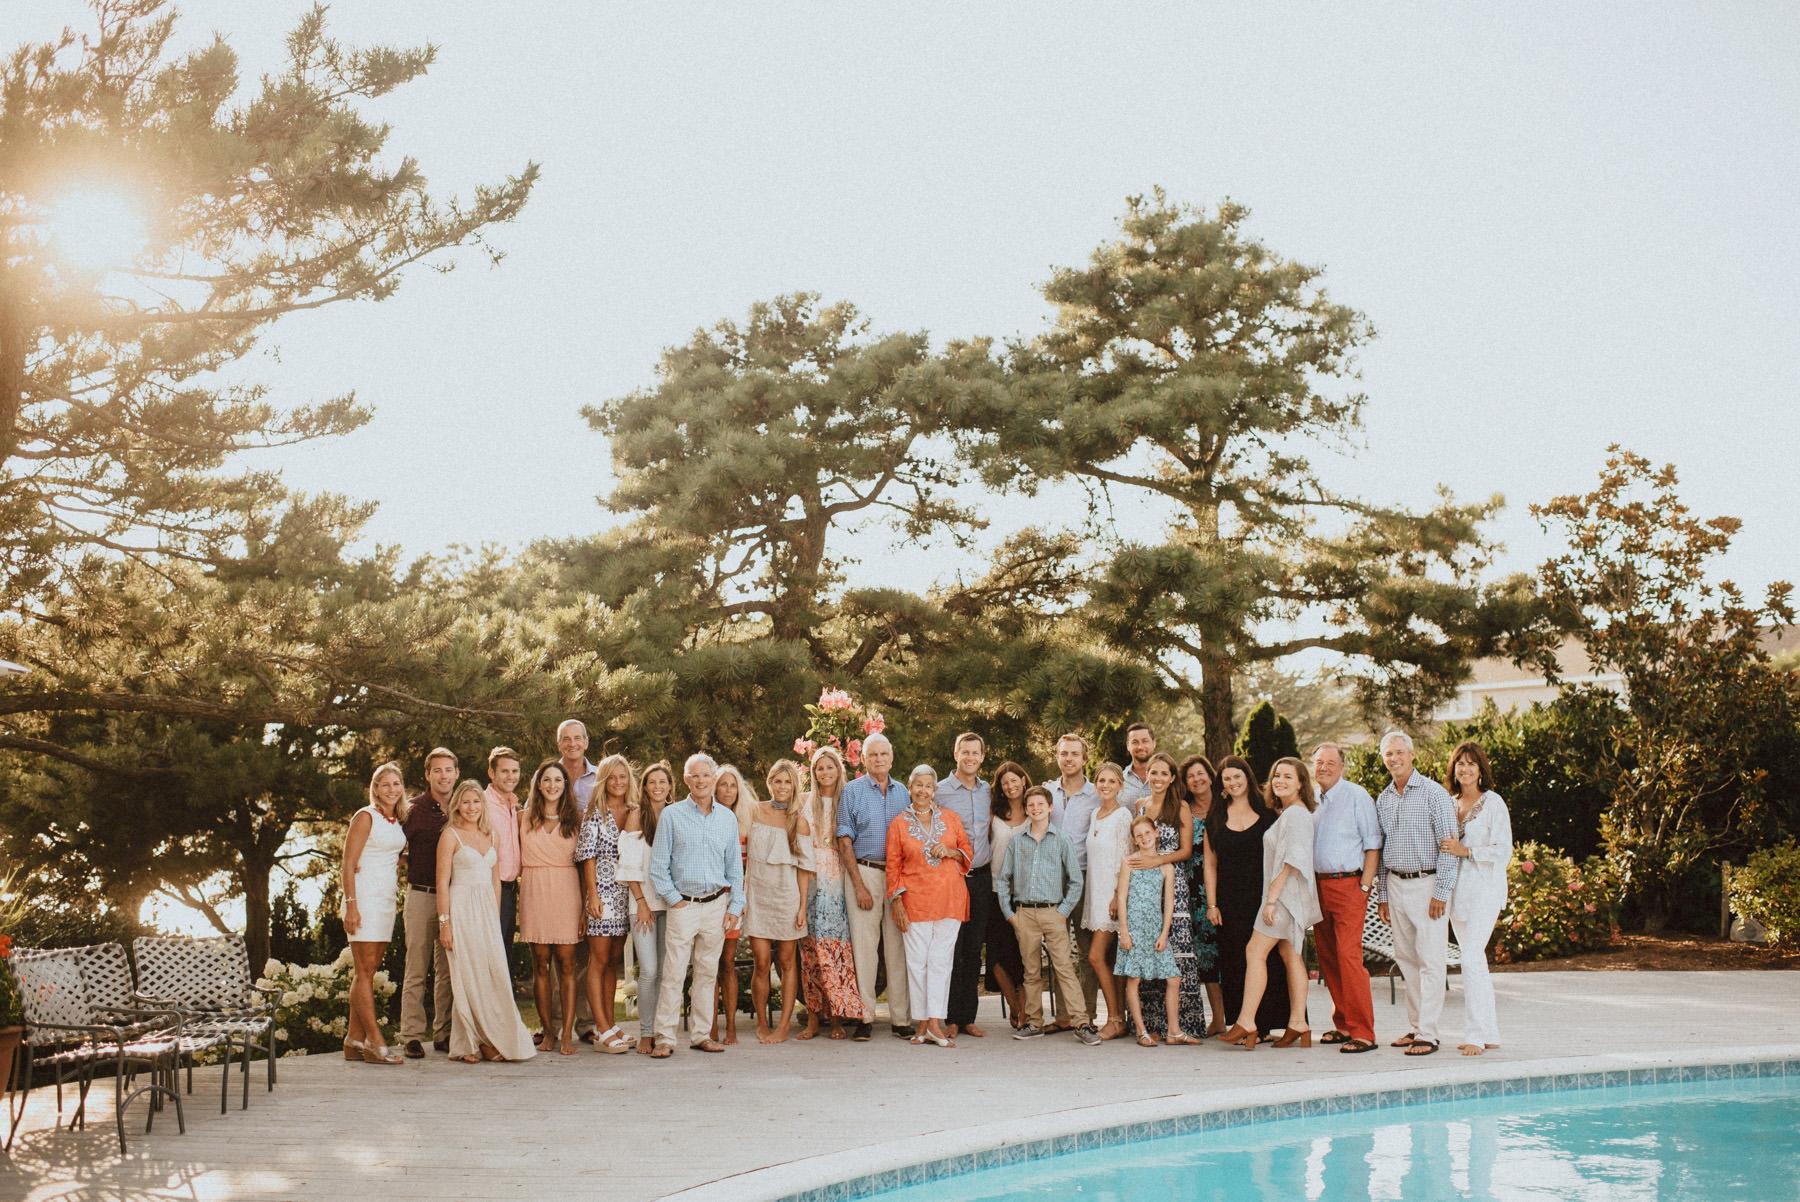 271-rehoboth-beach-delaware-family-photographer-5.jpg